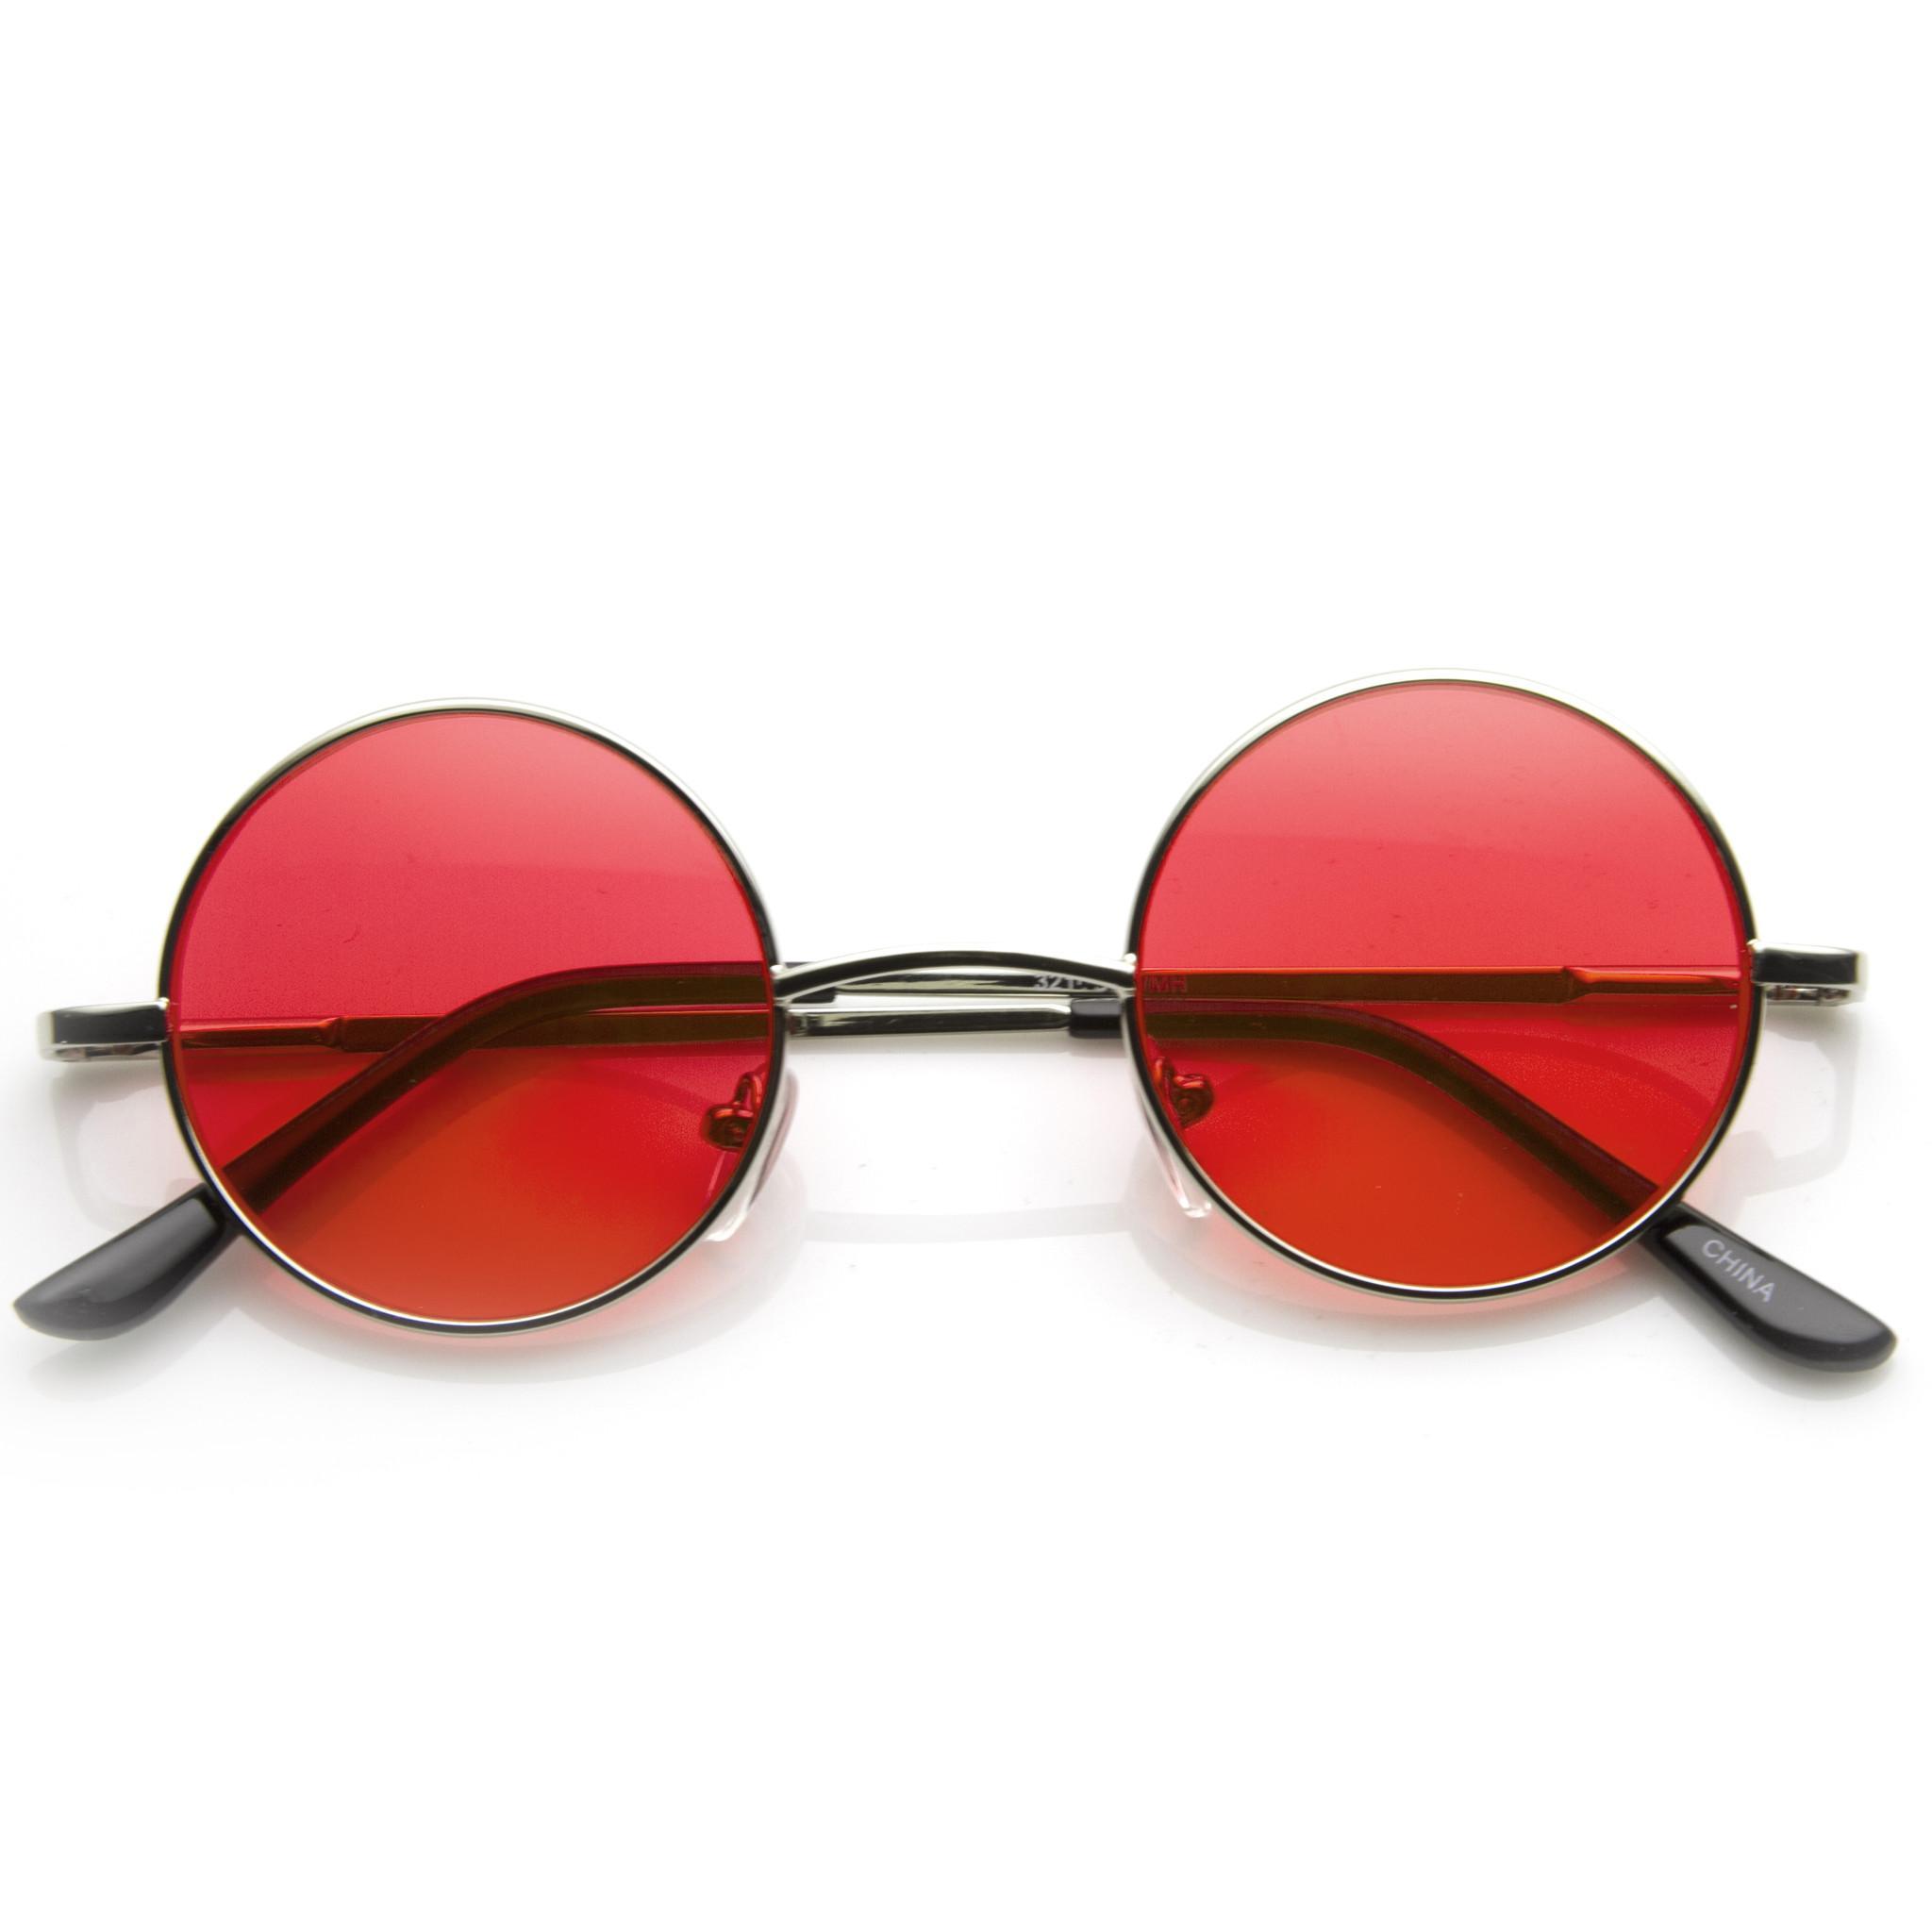 عینک آفتابی با شیشه قرمز